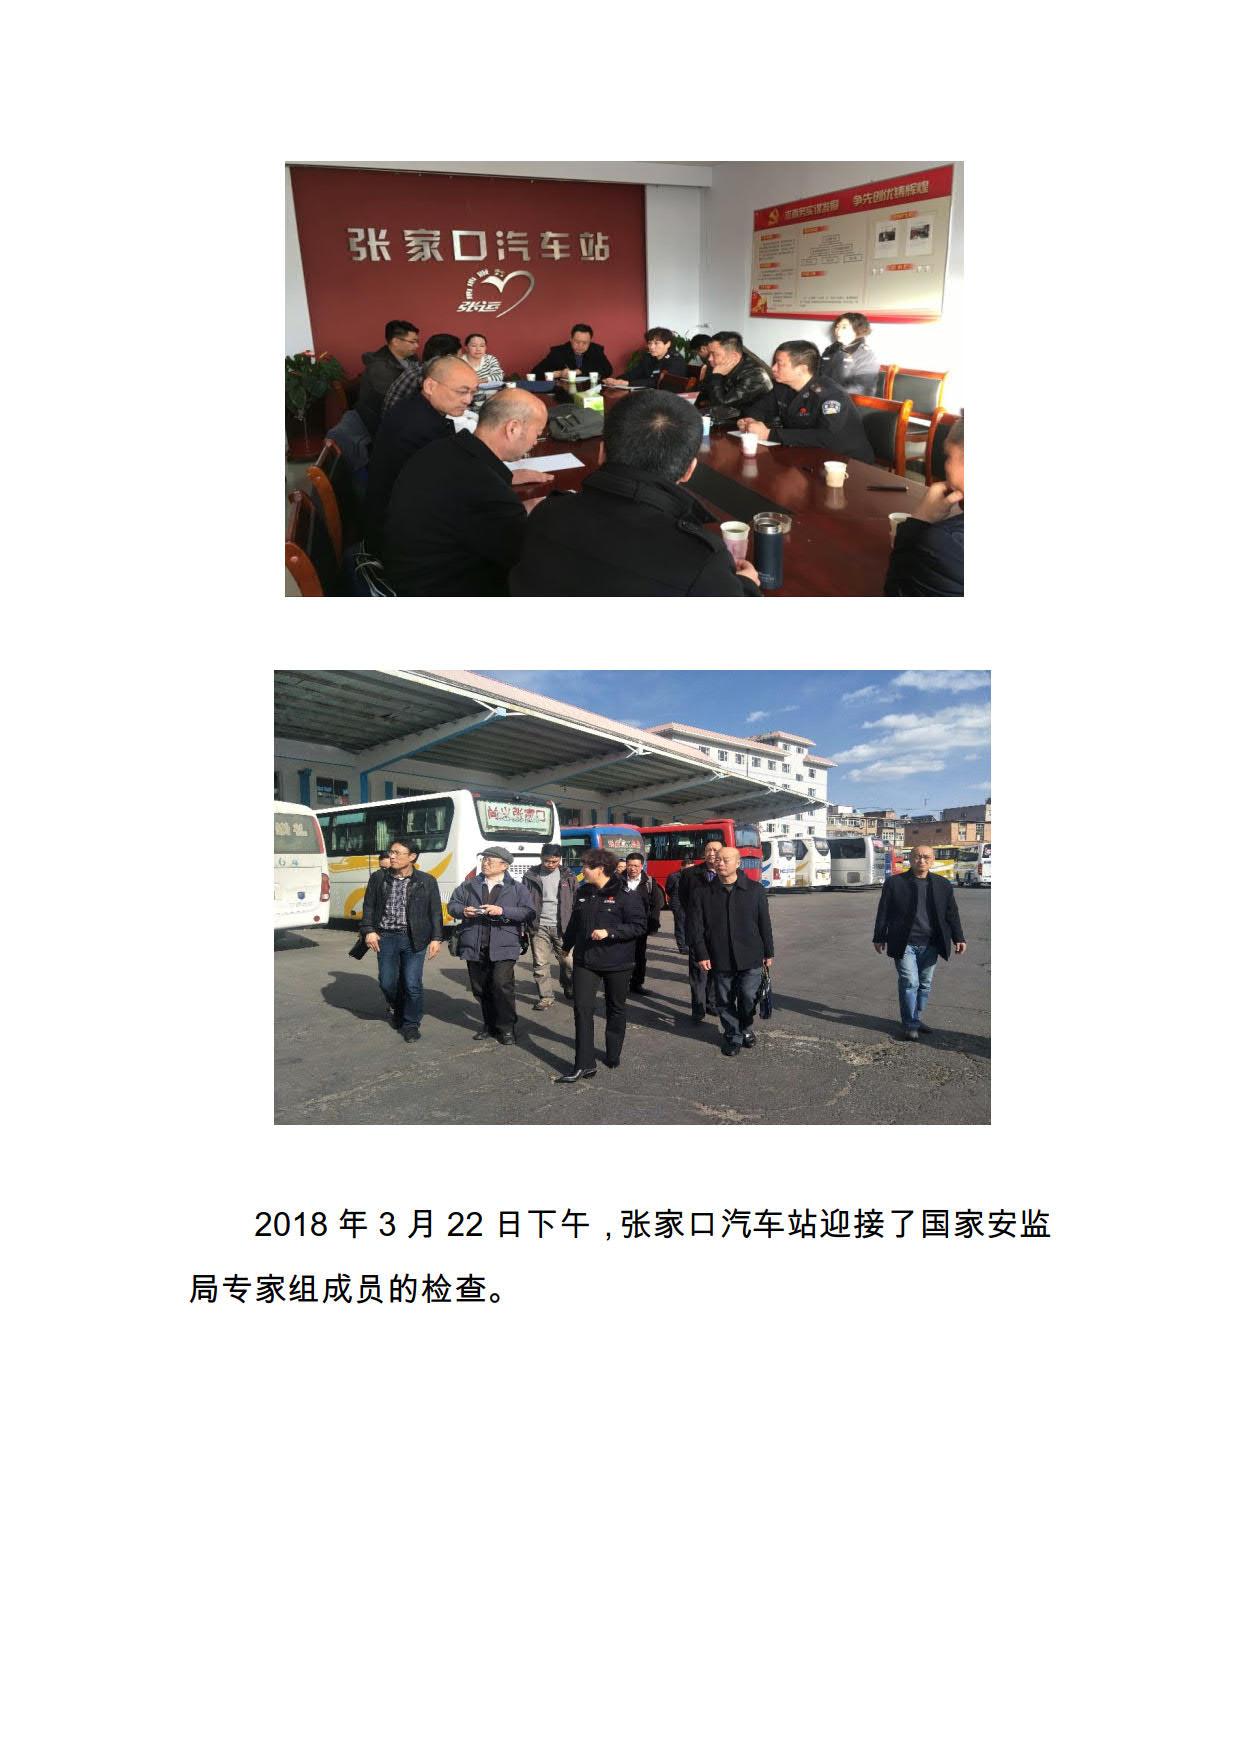 國家安監局專家組成員到車站檢查指導工作3-22_1.jpg